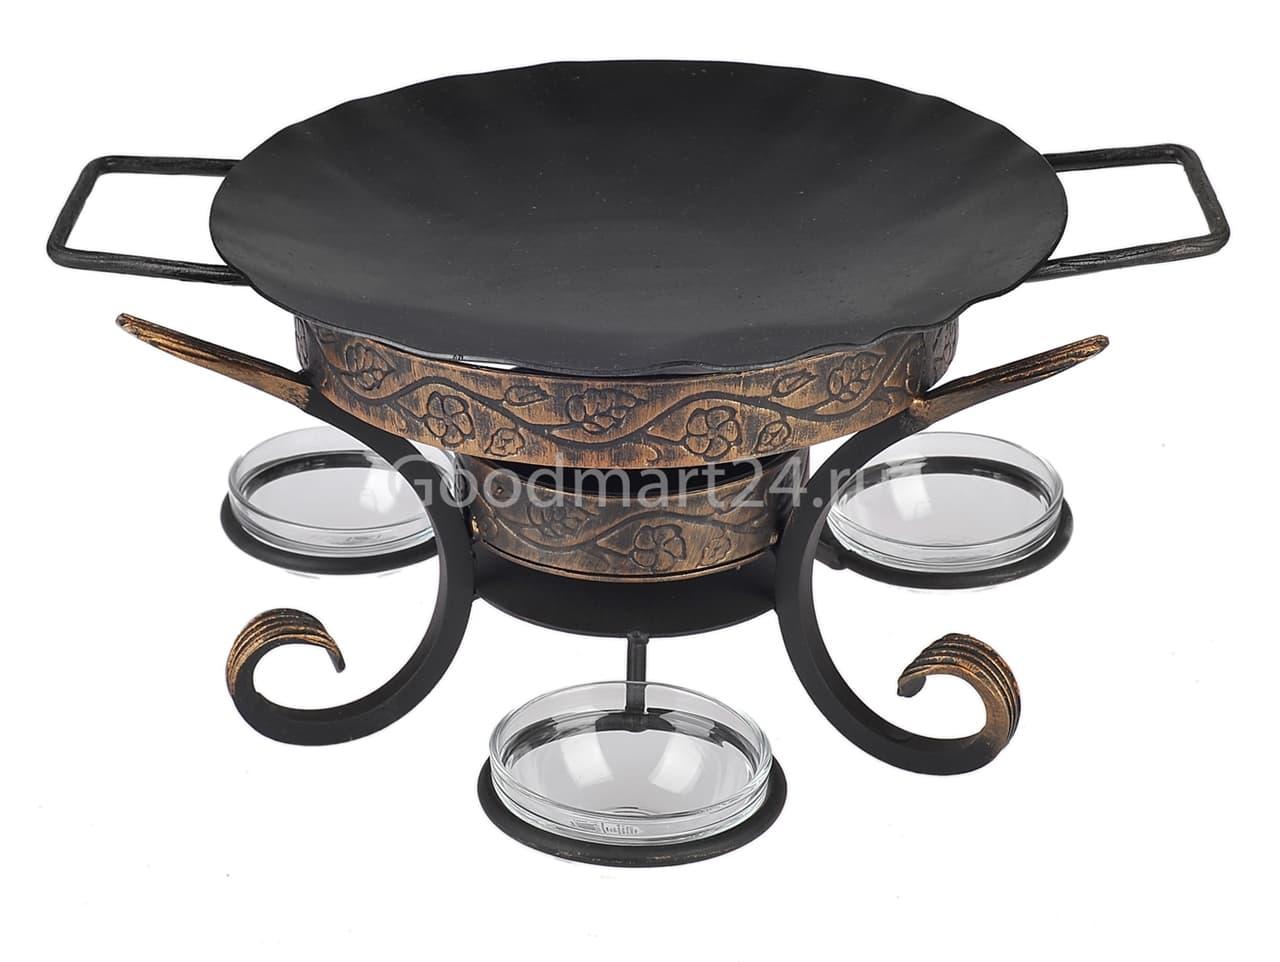 Садж сковорода 29 см, сталь + подставка кованная Шелковый путь премиум - фото 8534